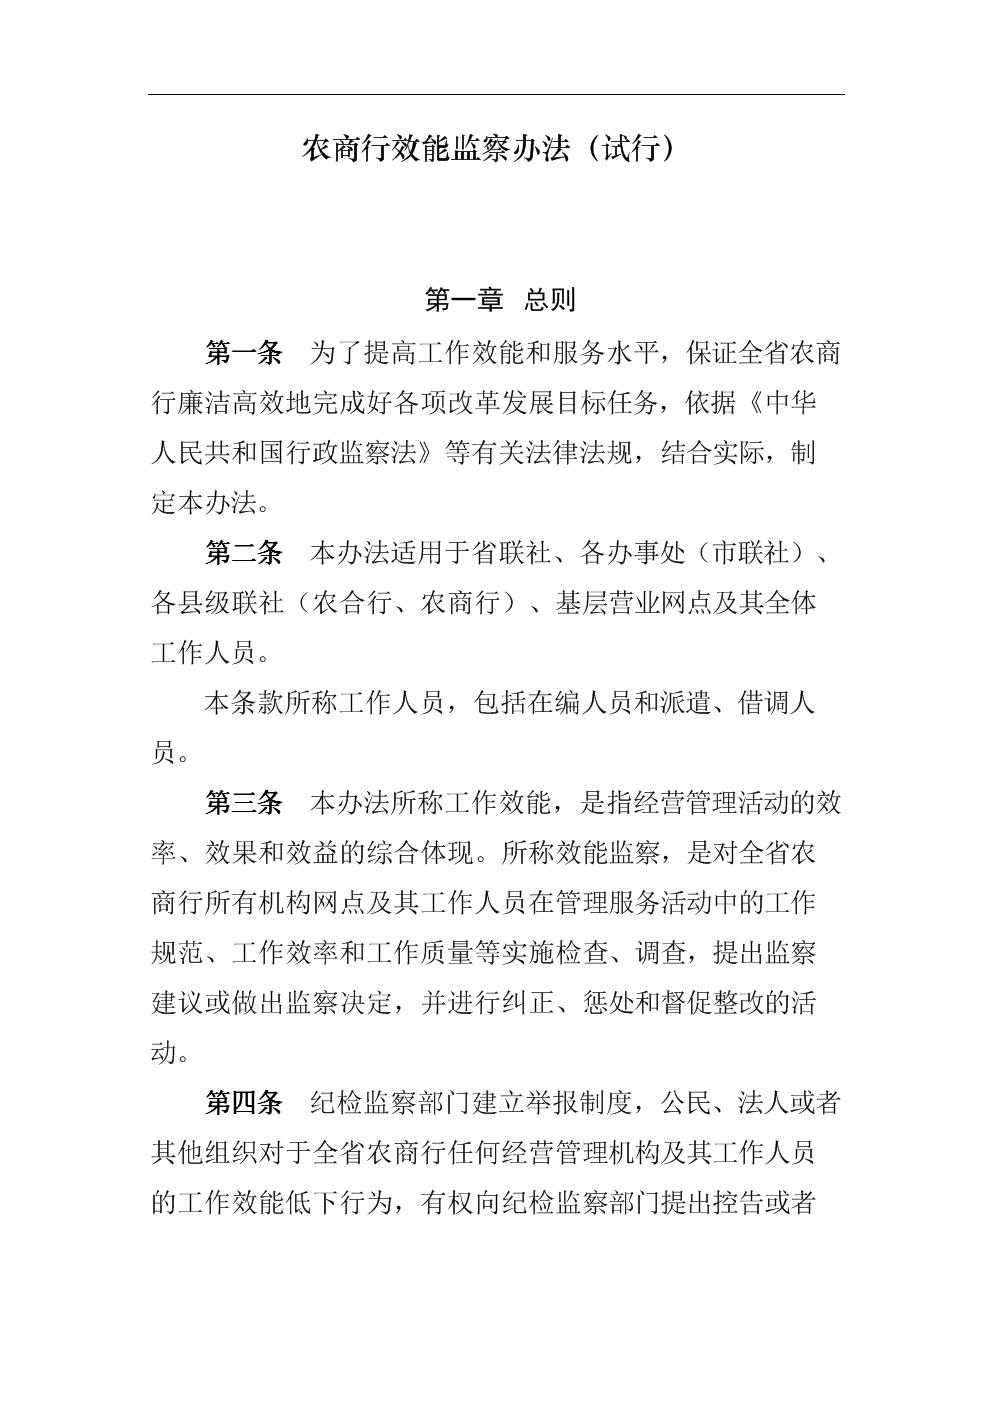 农商行效能监察办法 模版 .docx